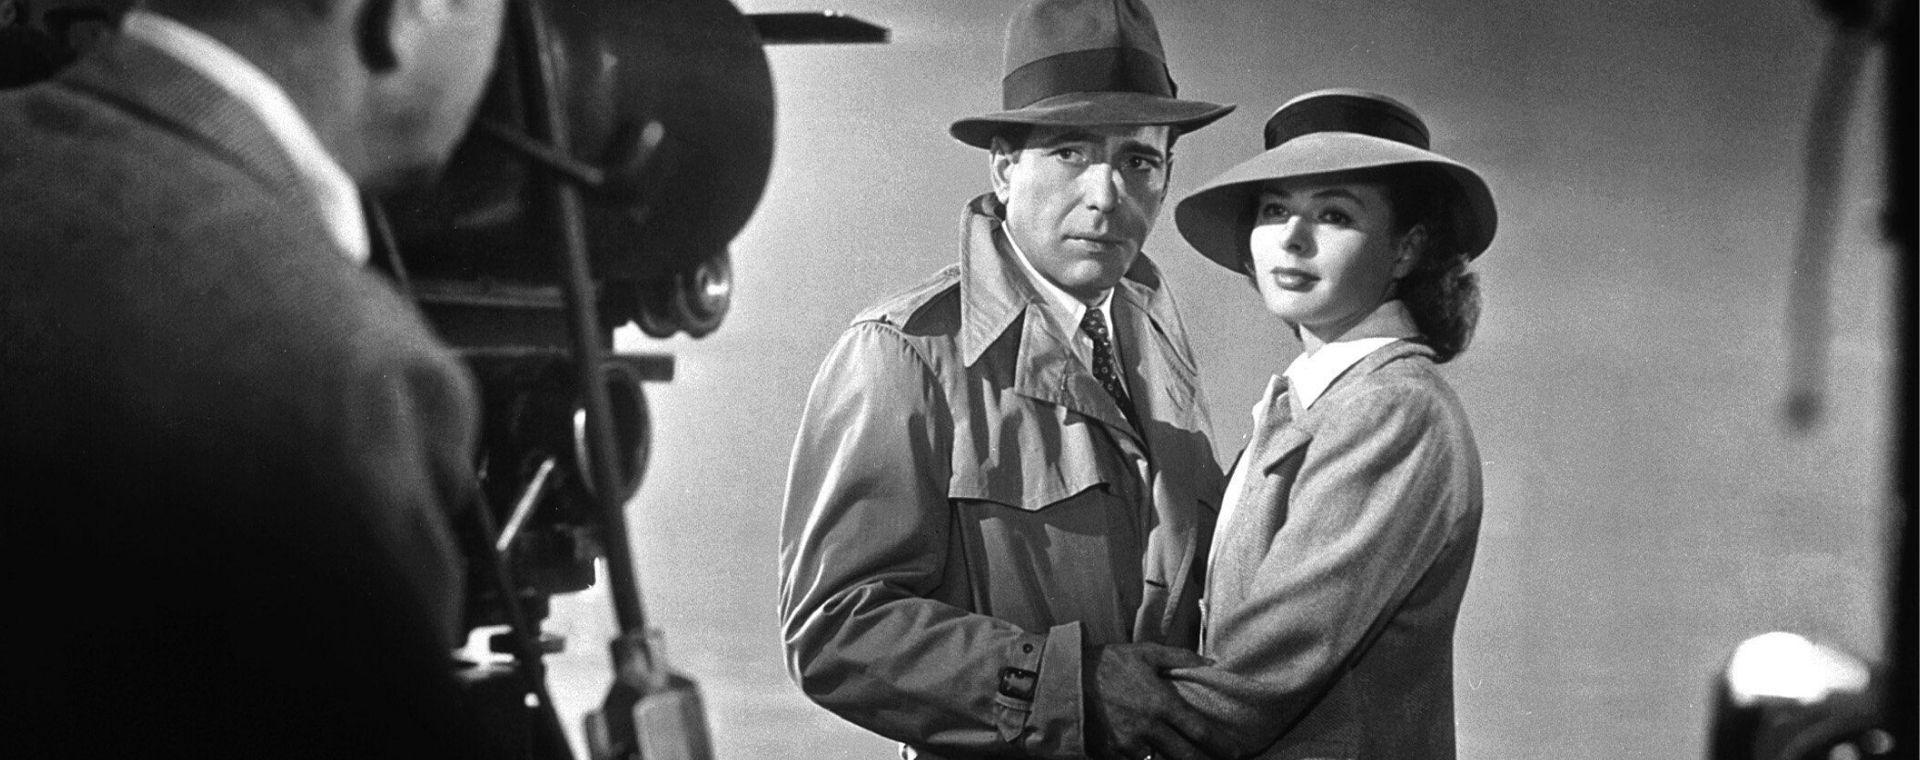 Zaimprowizowane sceny w historii kina - casablanca